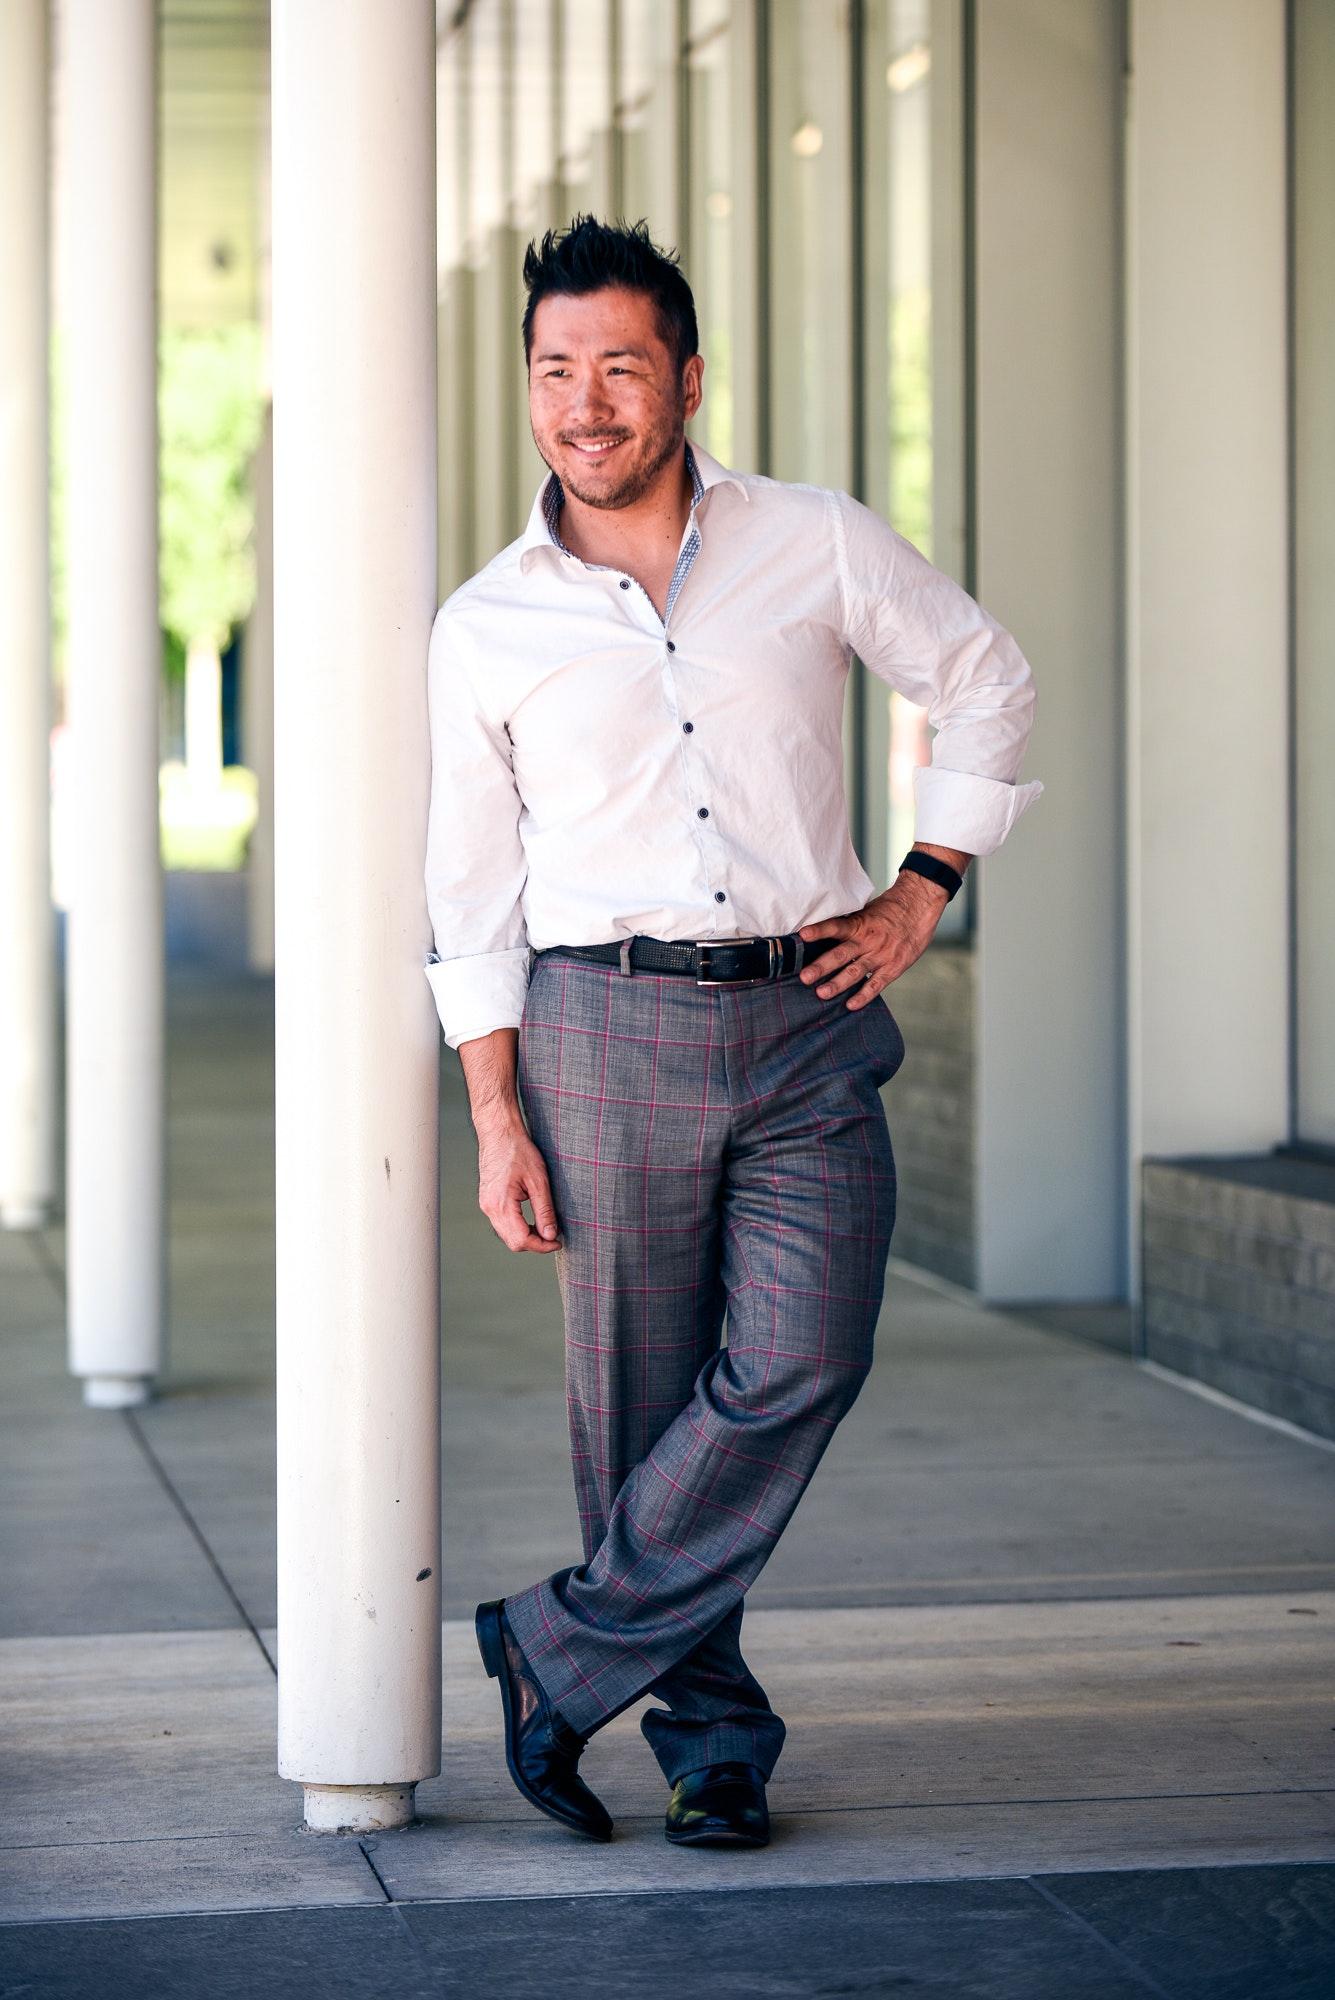 Scott Adam Kaveny's Model portfolio